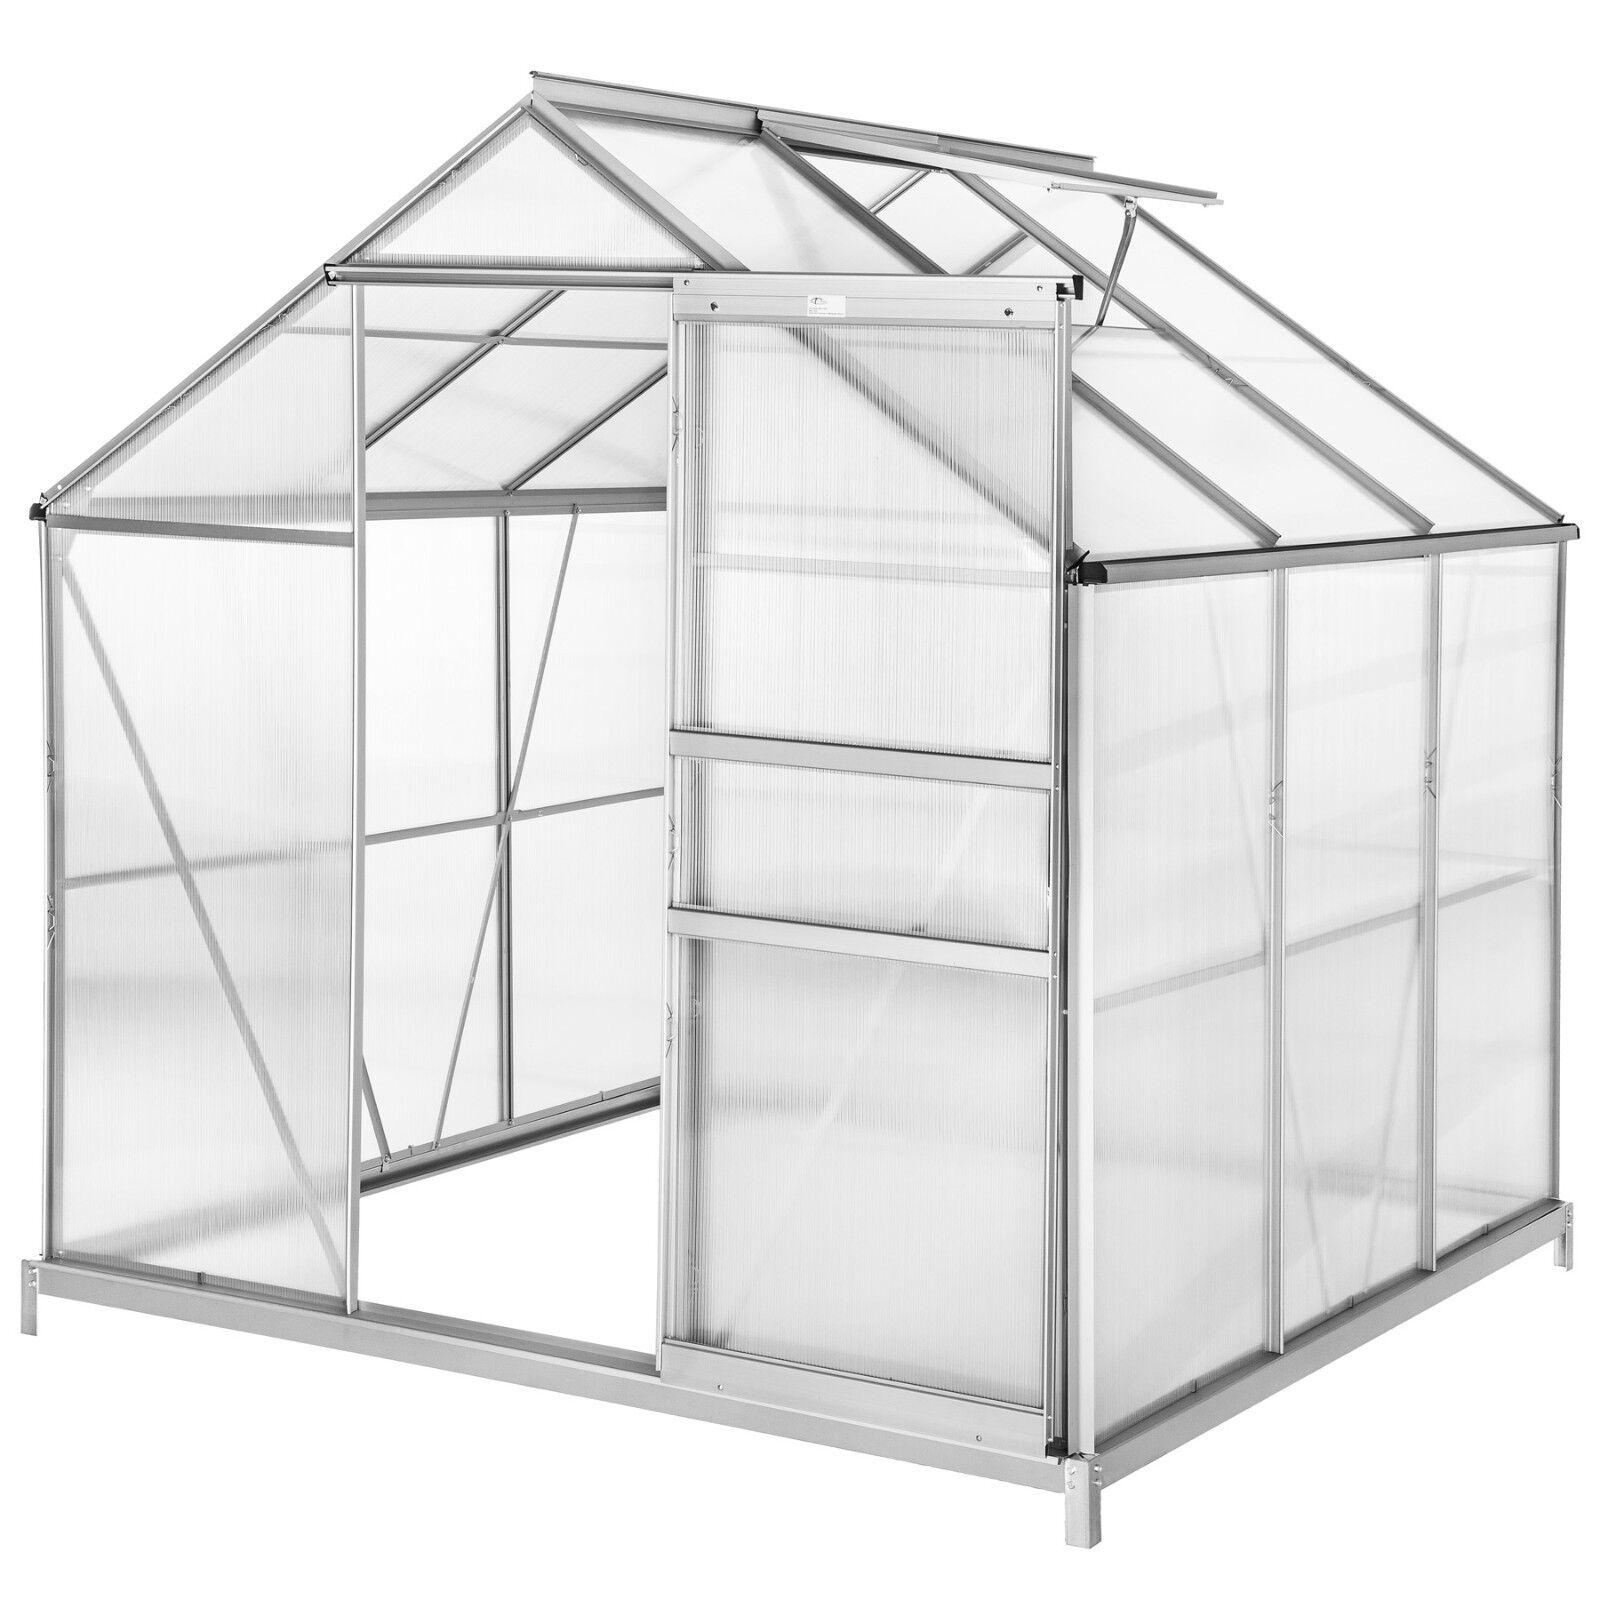 Alu broeikas serre polycarbonaat tuinkas kweekkas planten kas greenhouse 5,85 m³